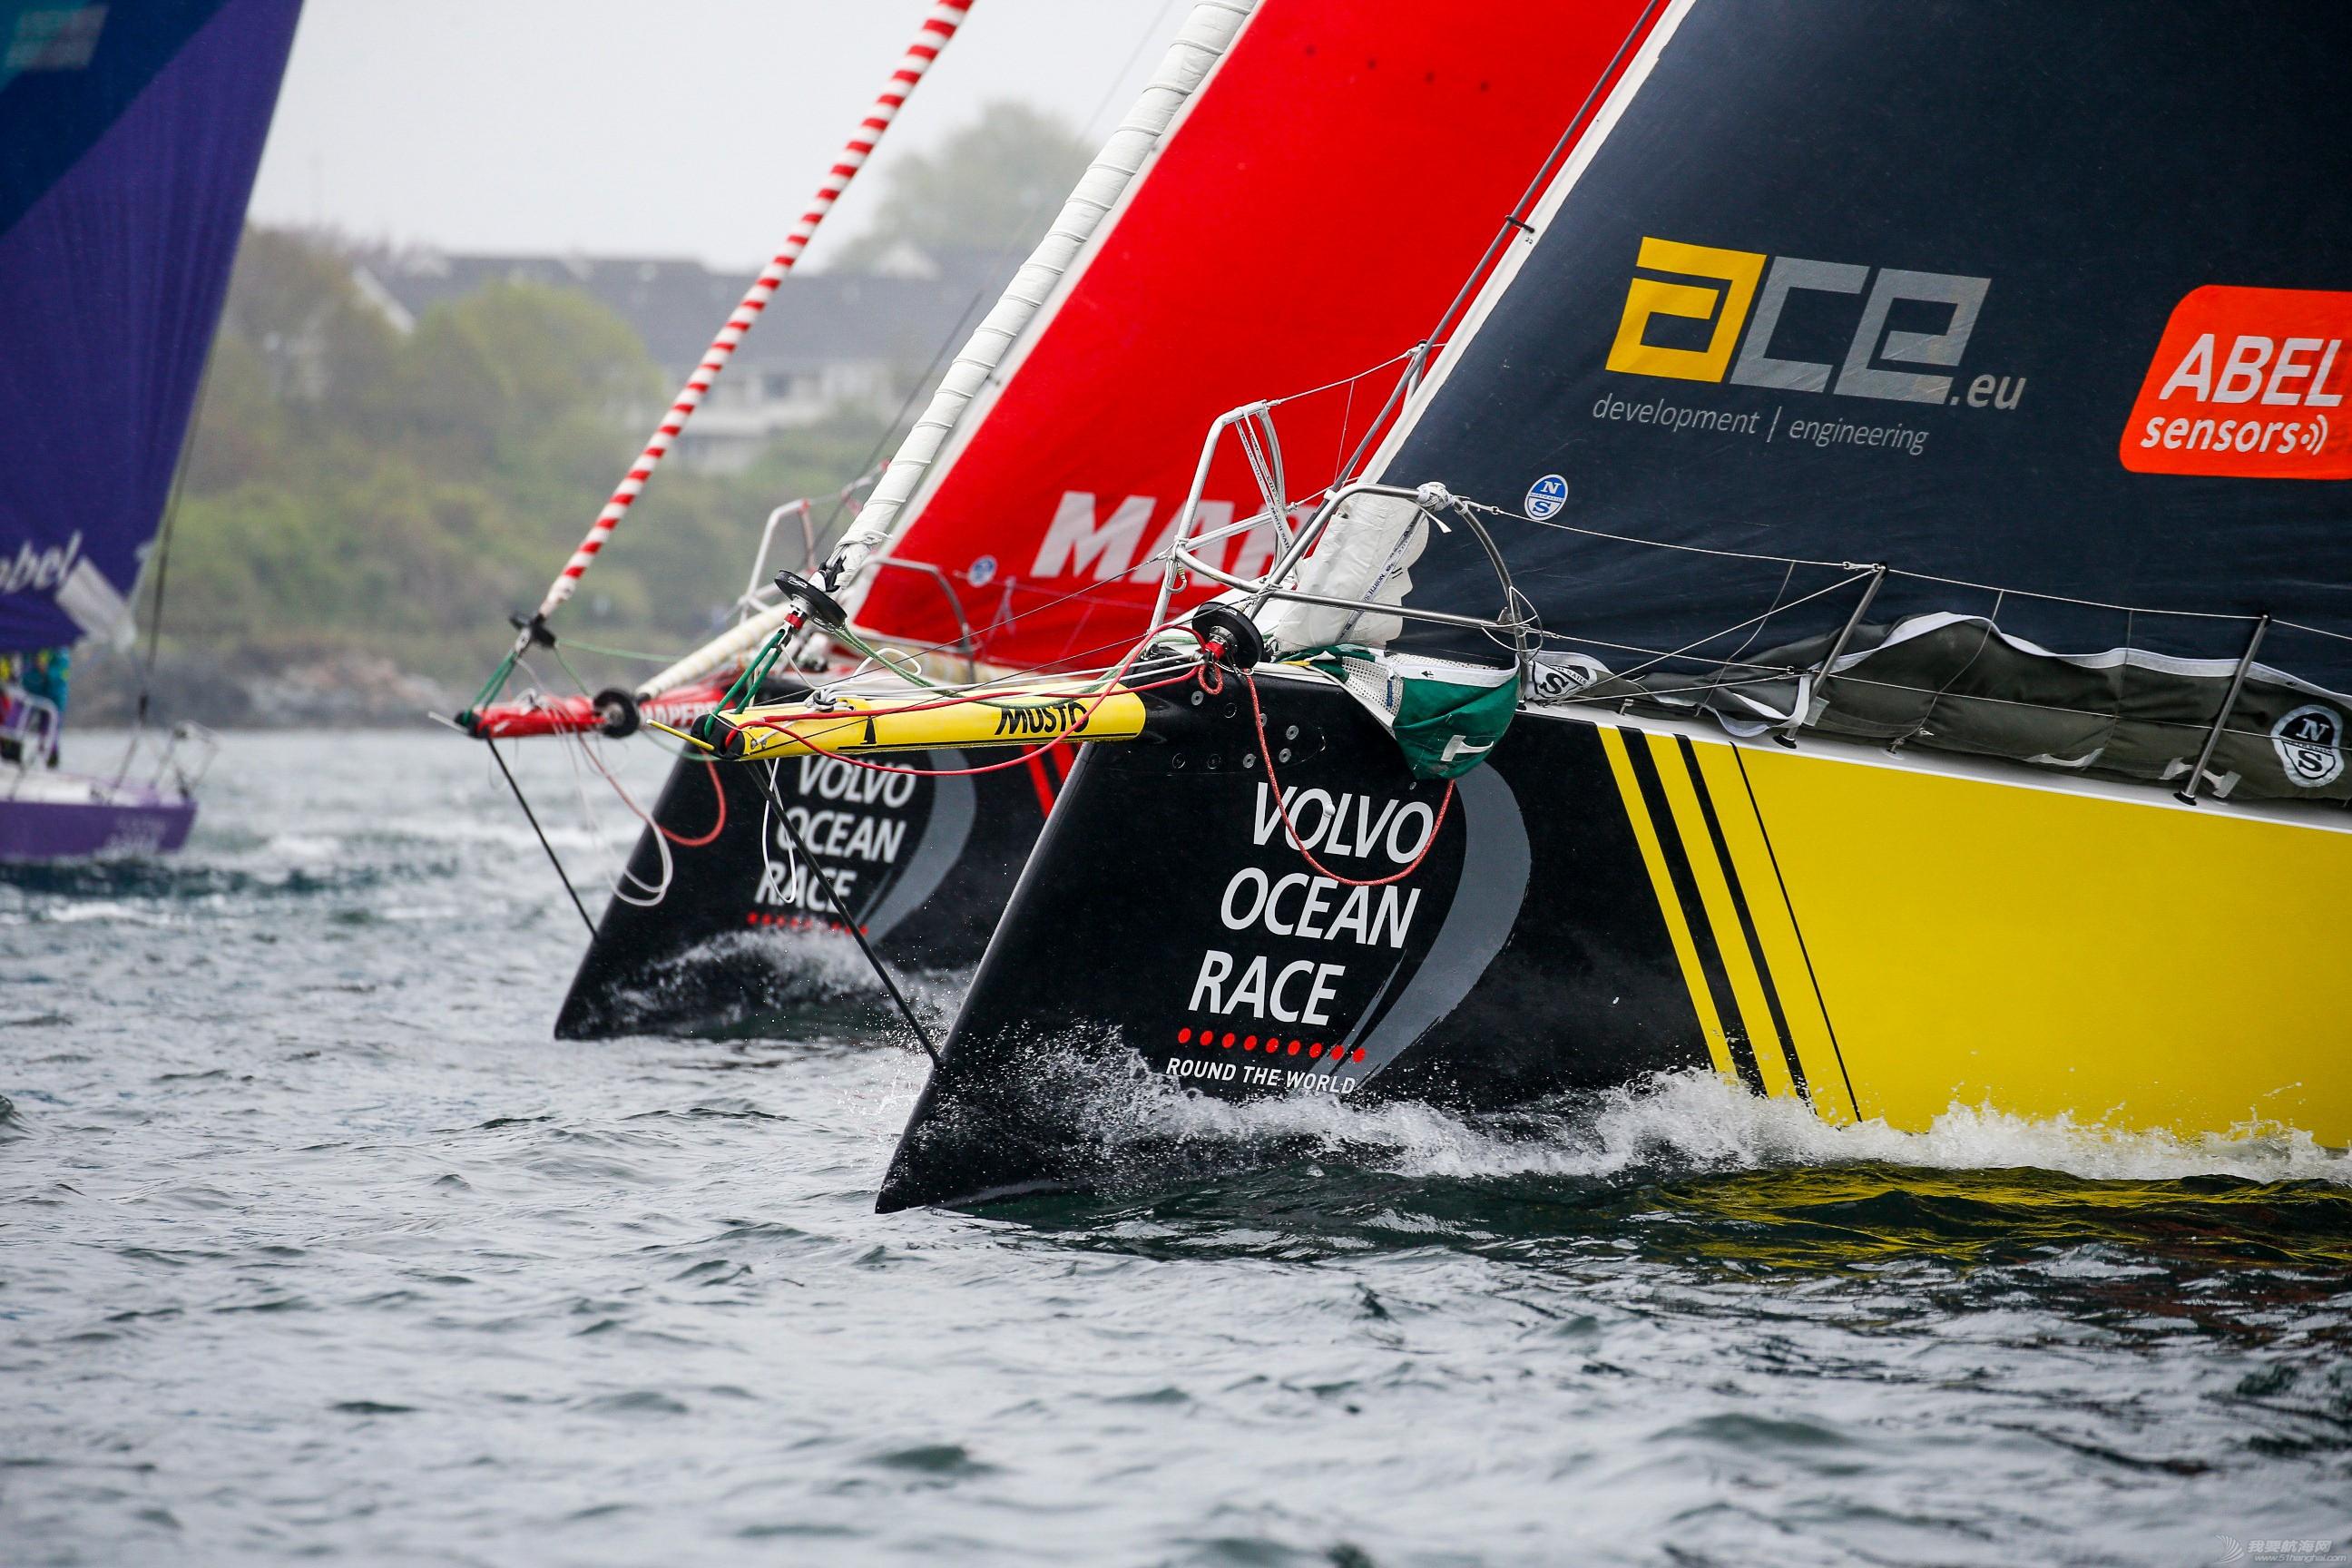 volvo-ocean-race-8.jpg